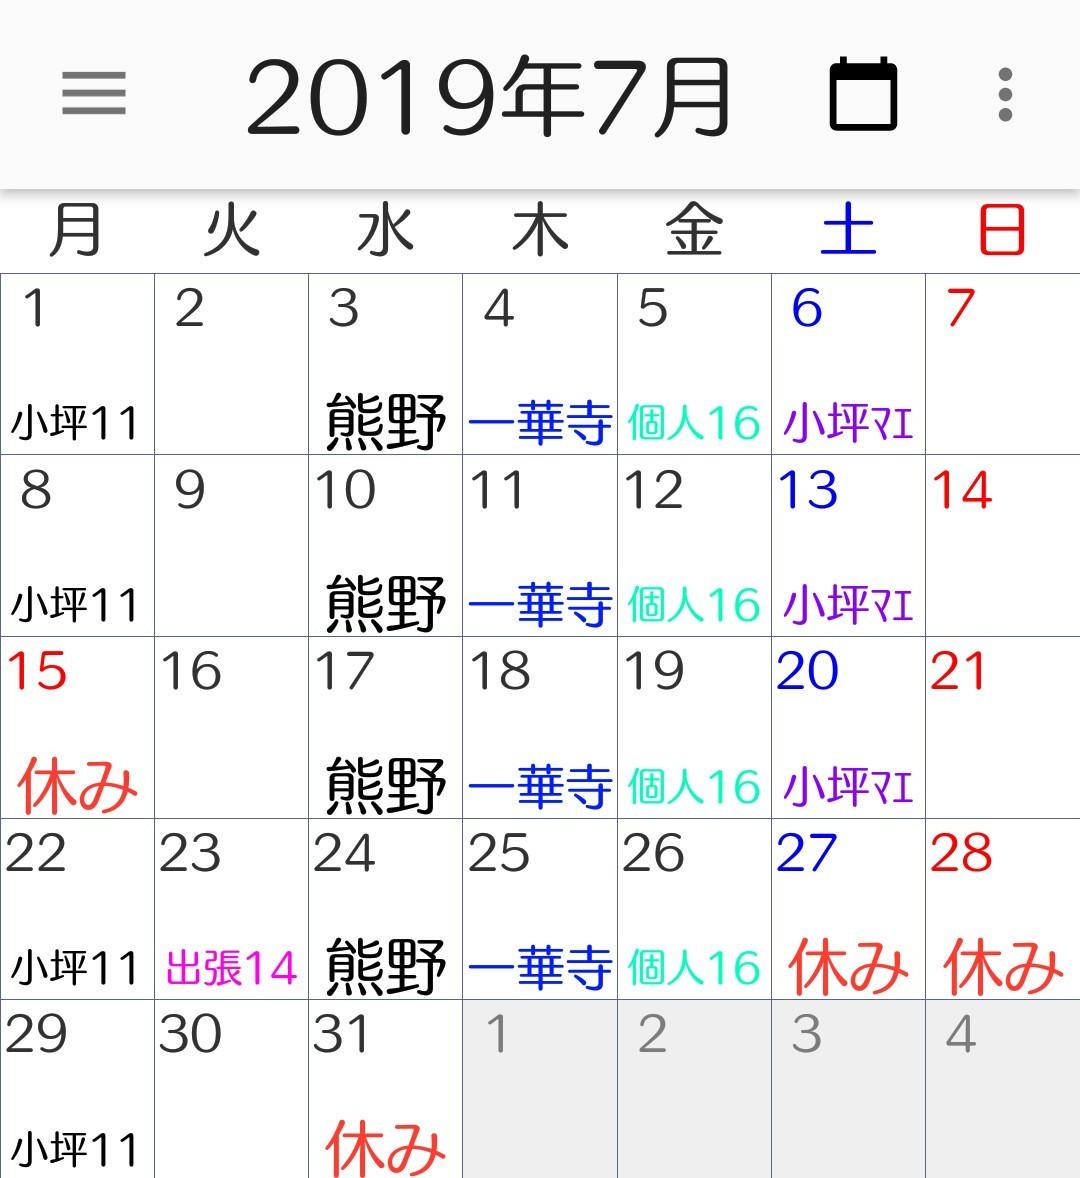 2019年6月の予定・カレンダー_c0366378_16250591.jpg